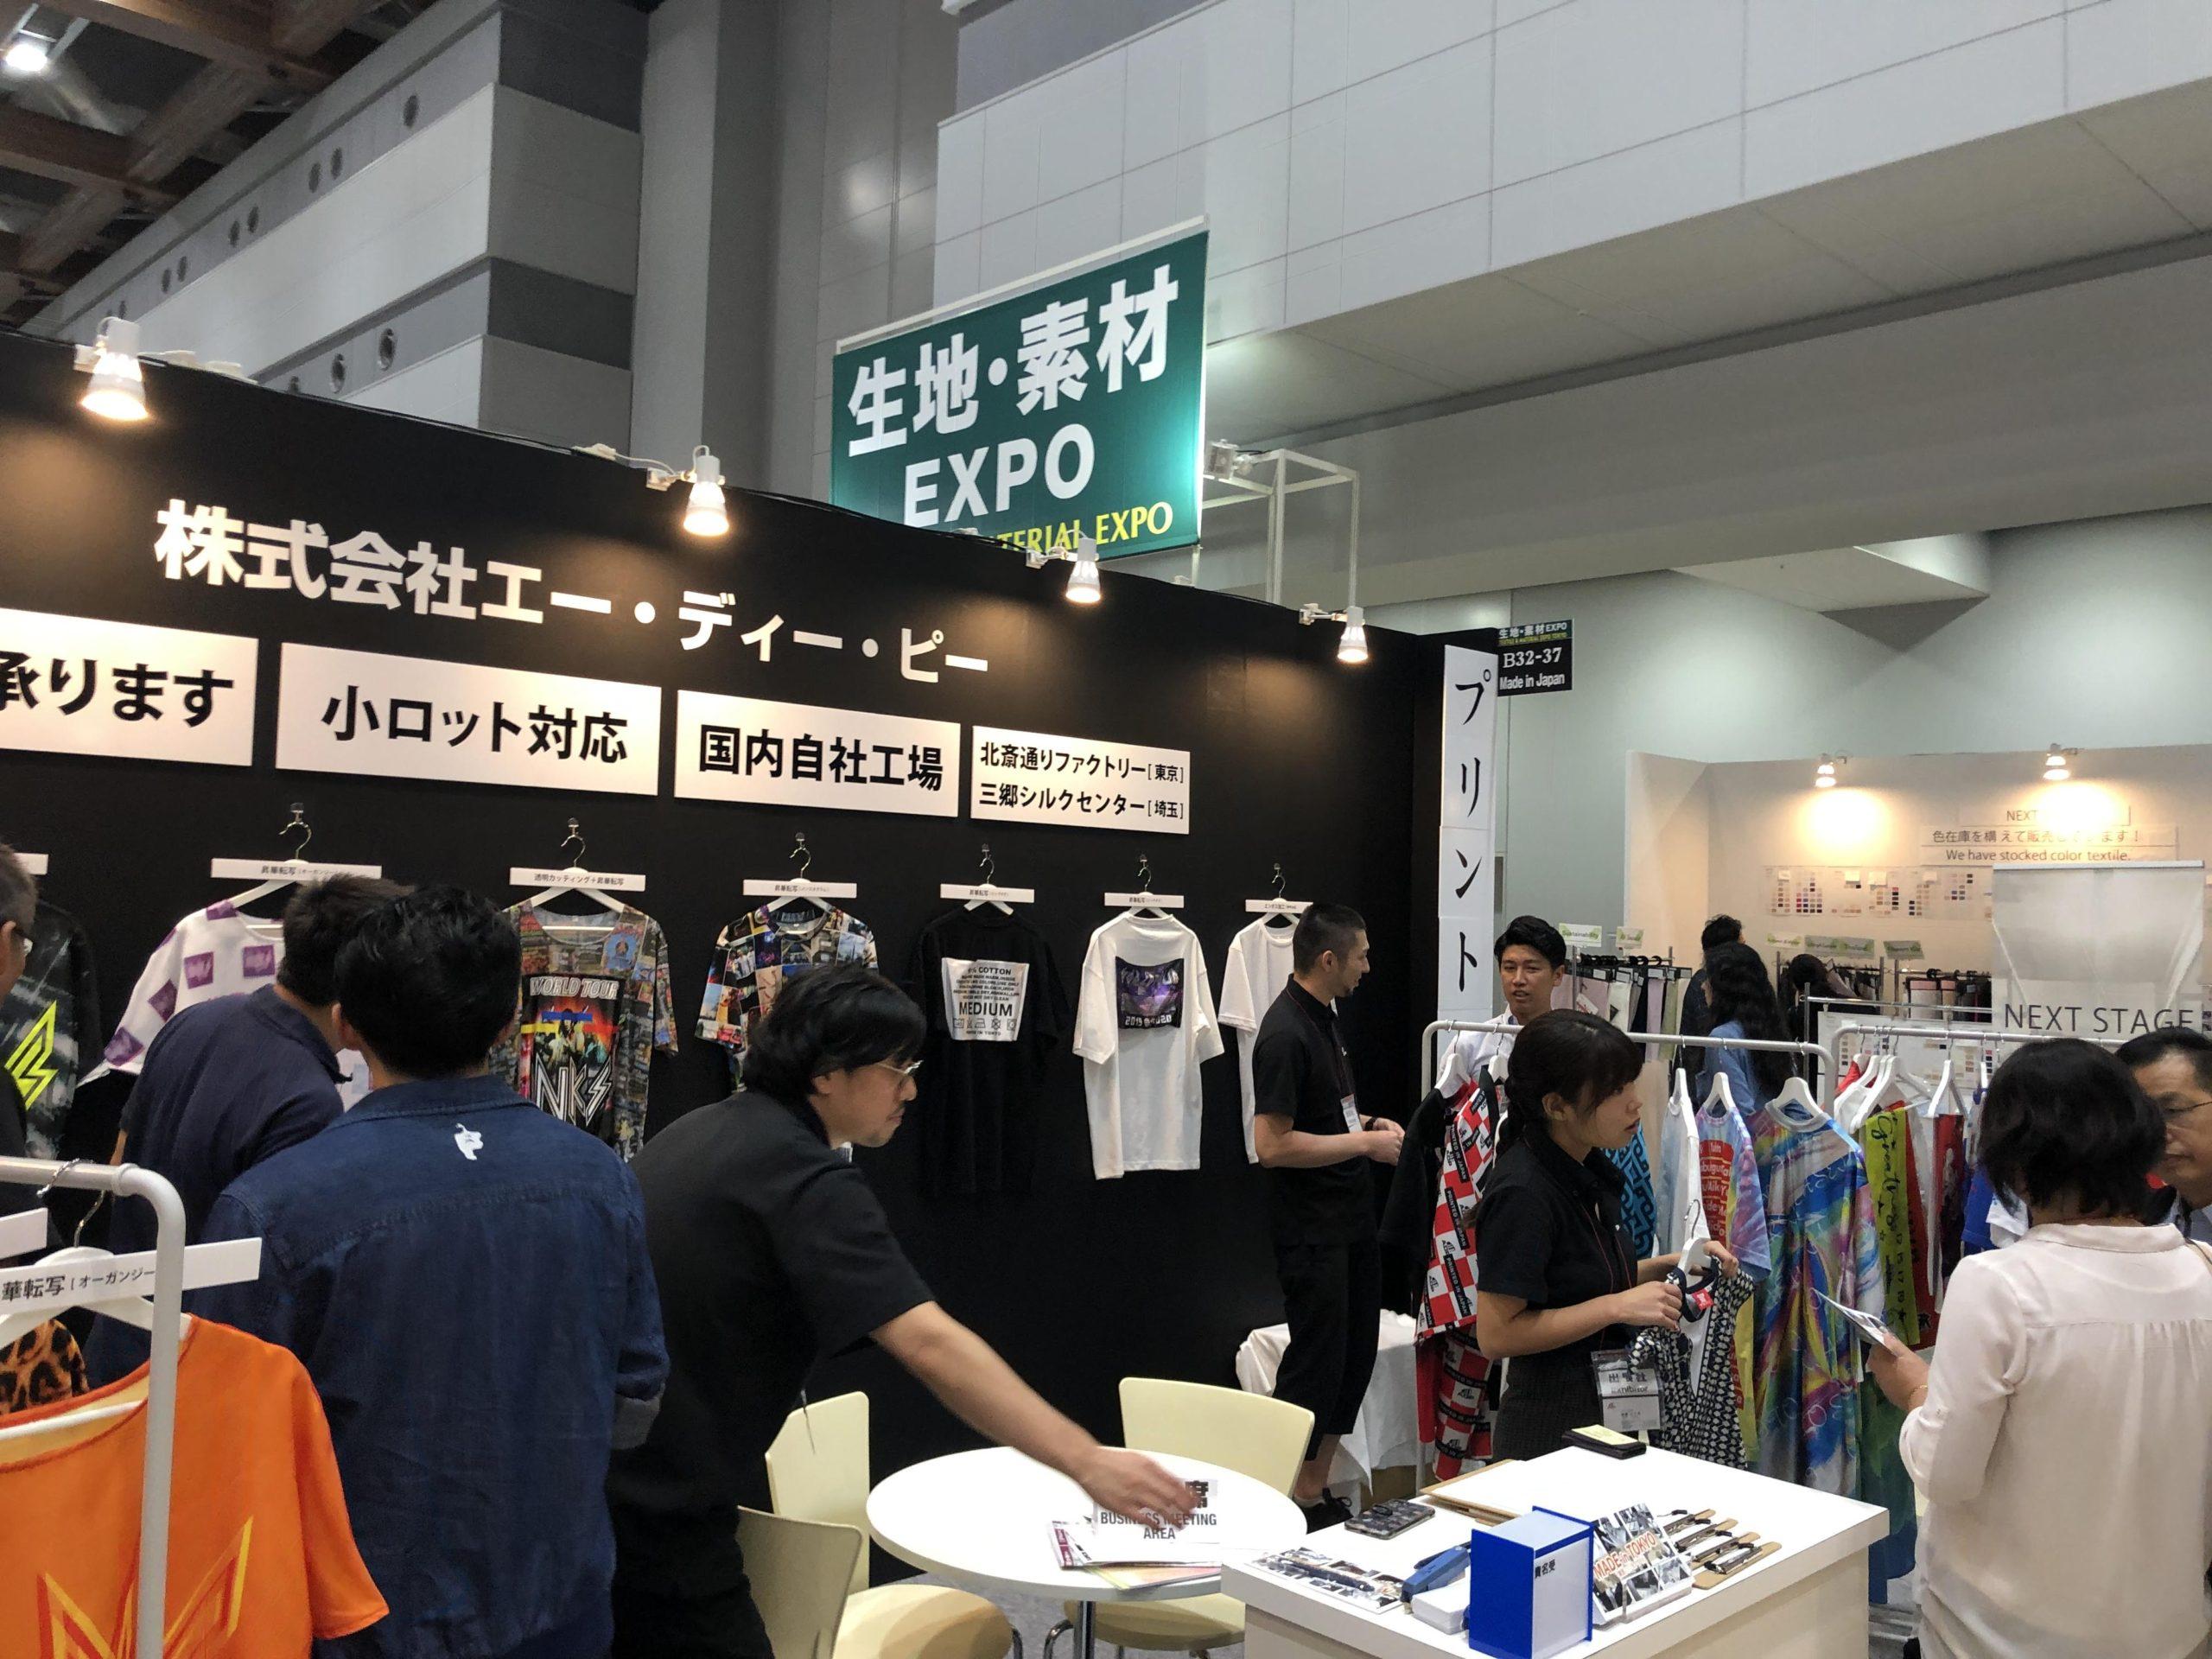 2019ファッションワールド東京 秋の展示会に出展